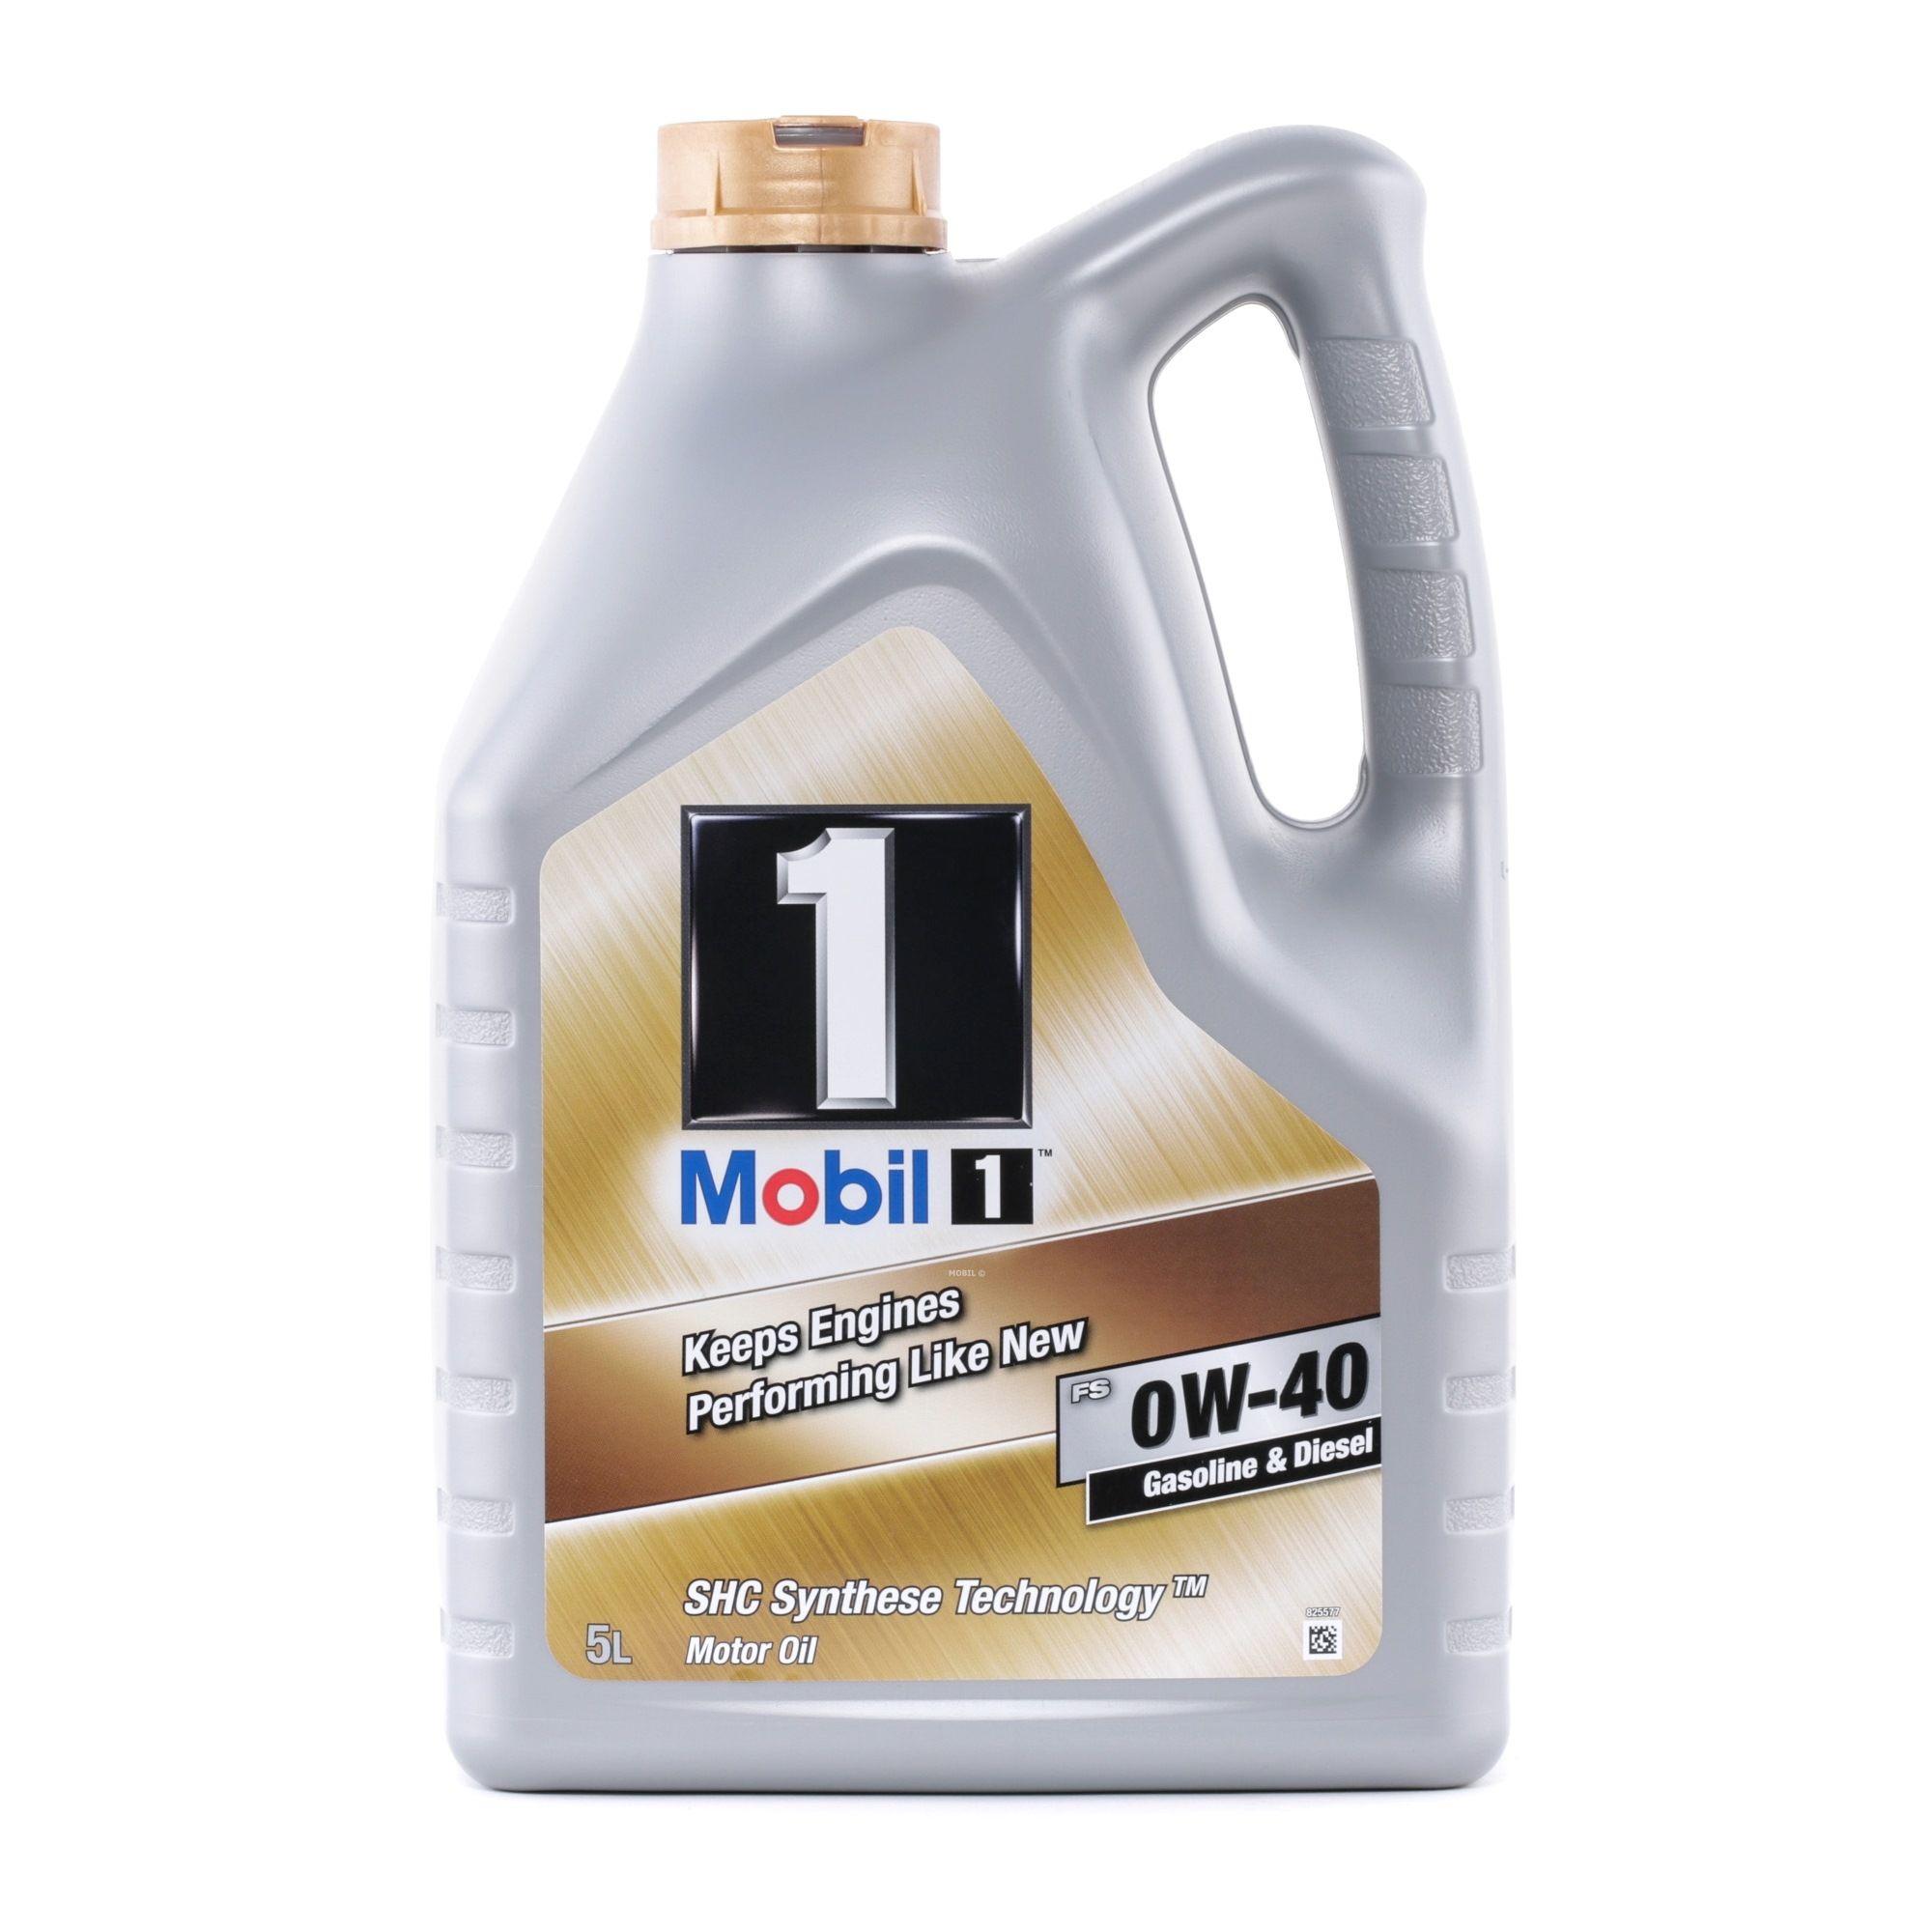 Ersatzteile für Mazda 3 bm Bj 2021: Motoröl 153678 zu stark reduzierten Preisen!